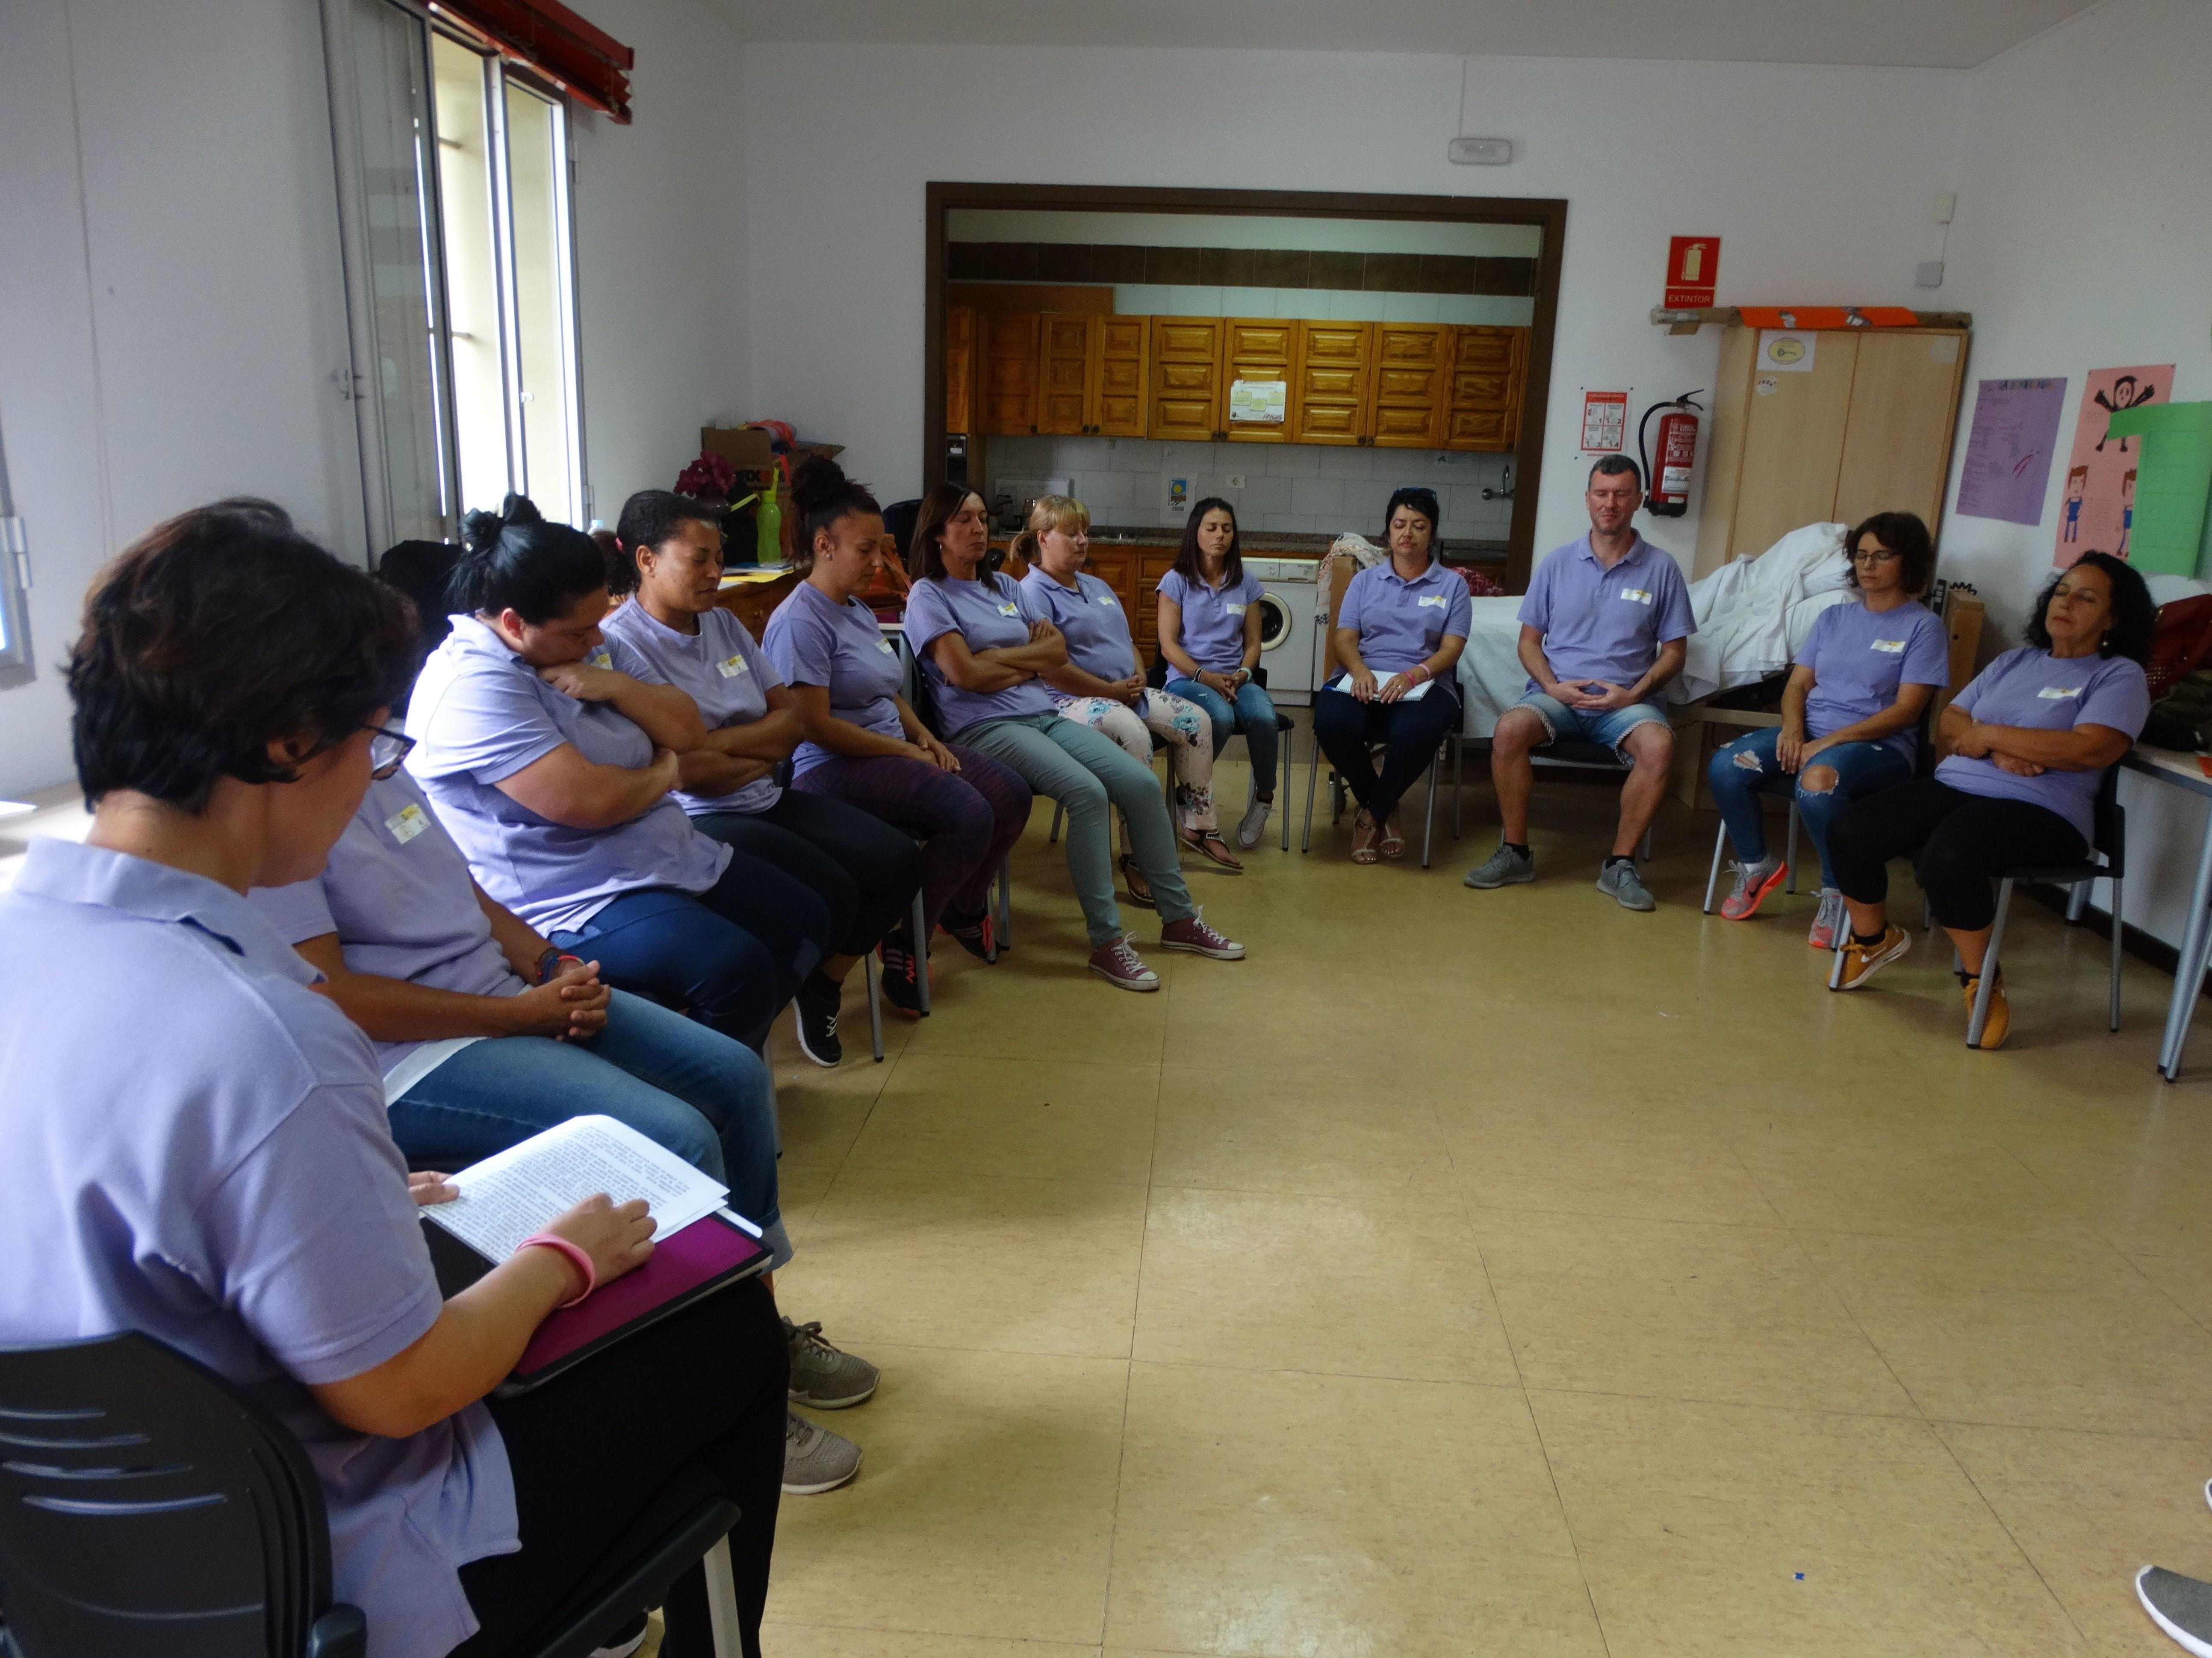 Sesiones de relajación: Proyectos y Servicios de Asociación Domitila